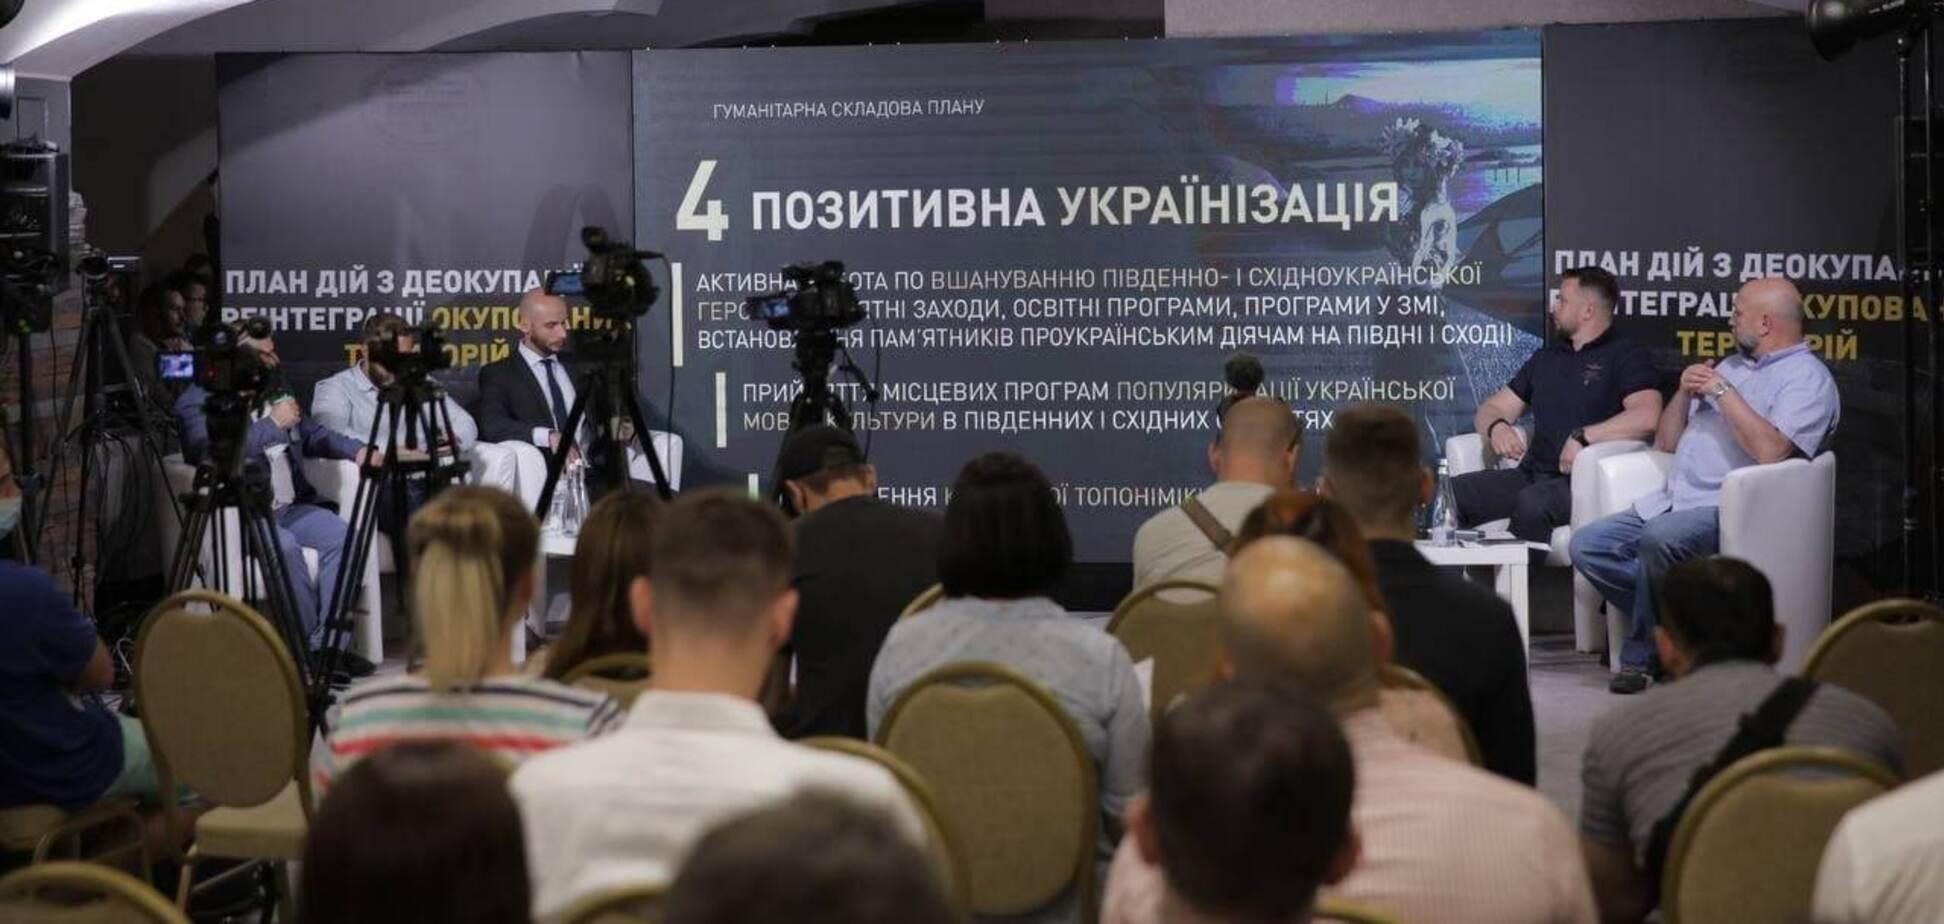 Презентація плану деокупації Криму і Донбасу